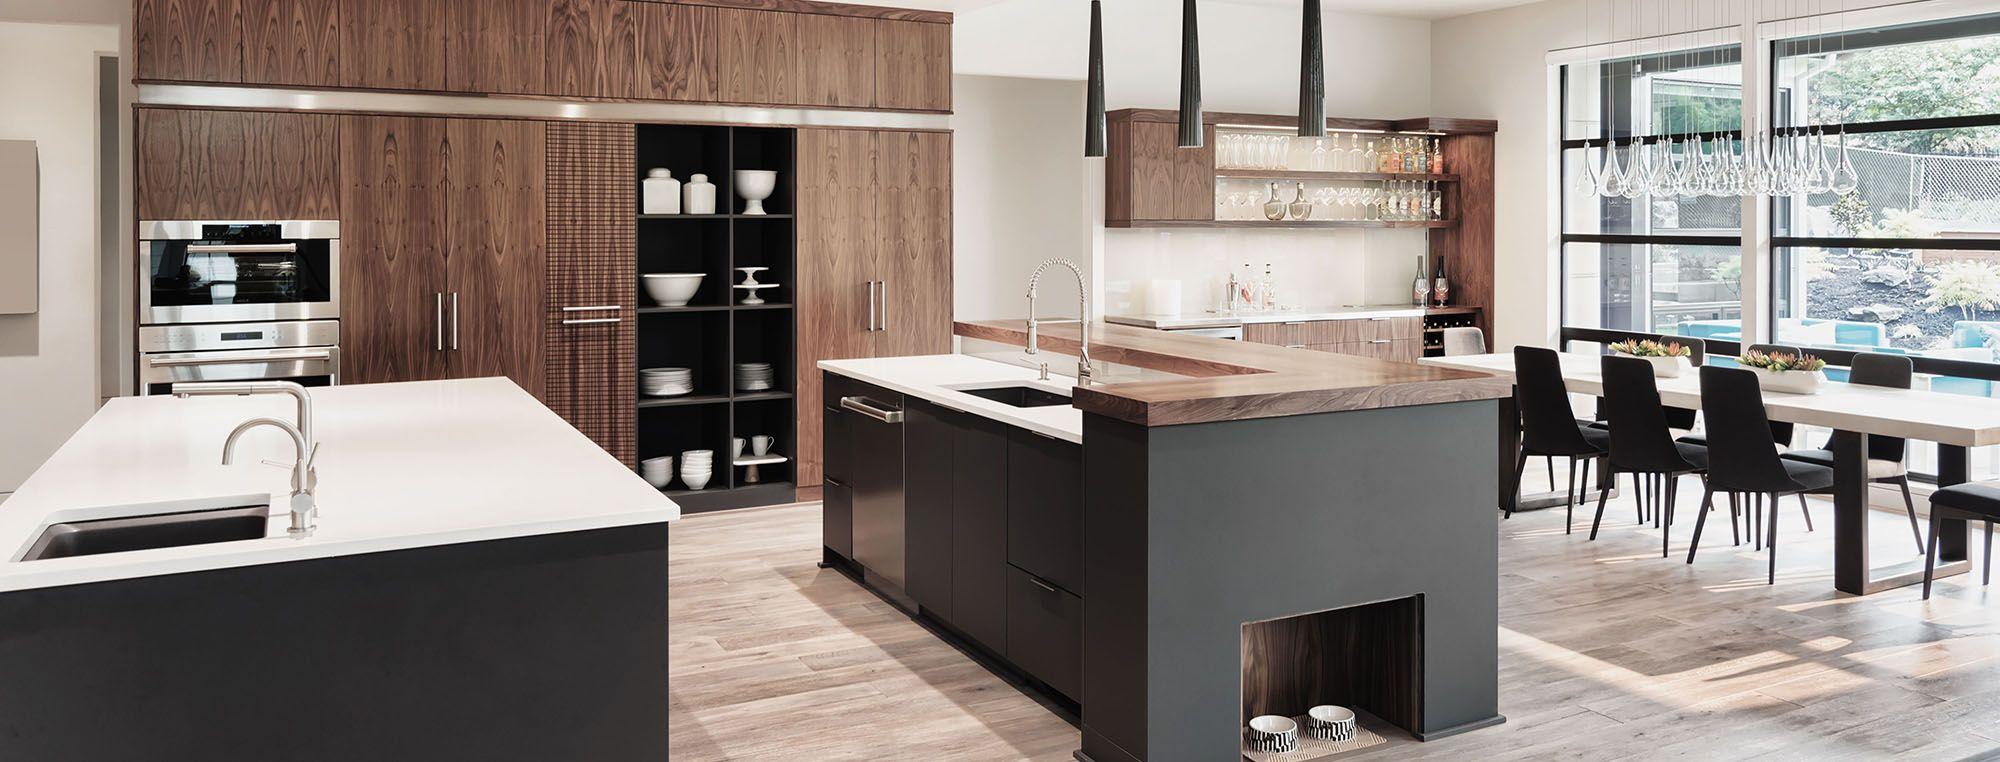 Full Size of Küchenblende Kchensockel U Profil Dllken Profiles Wohnzimmer Küchenblende